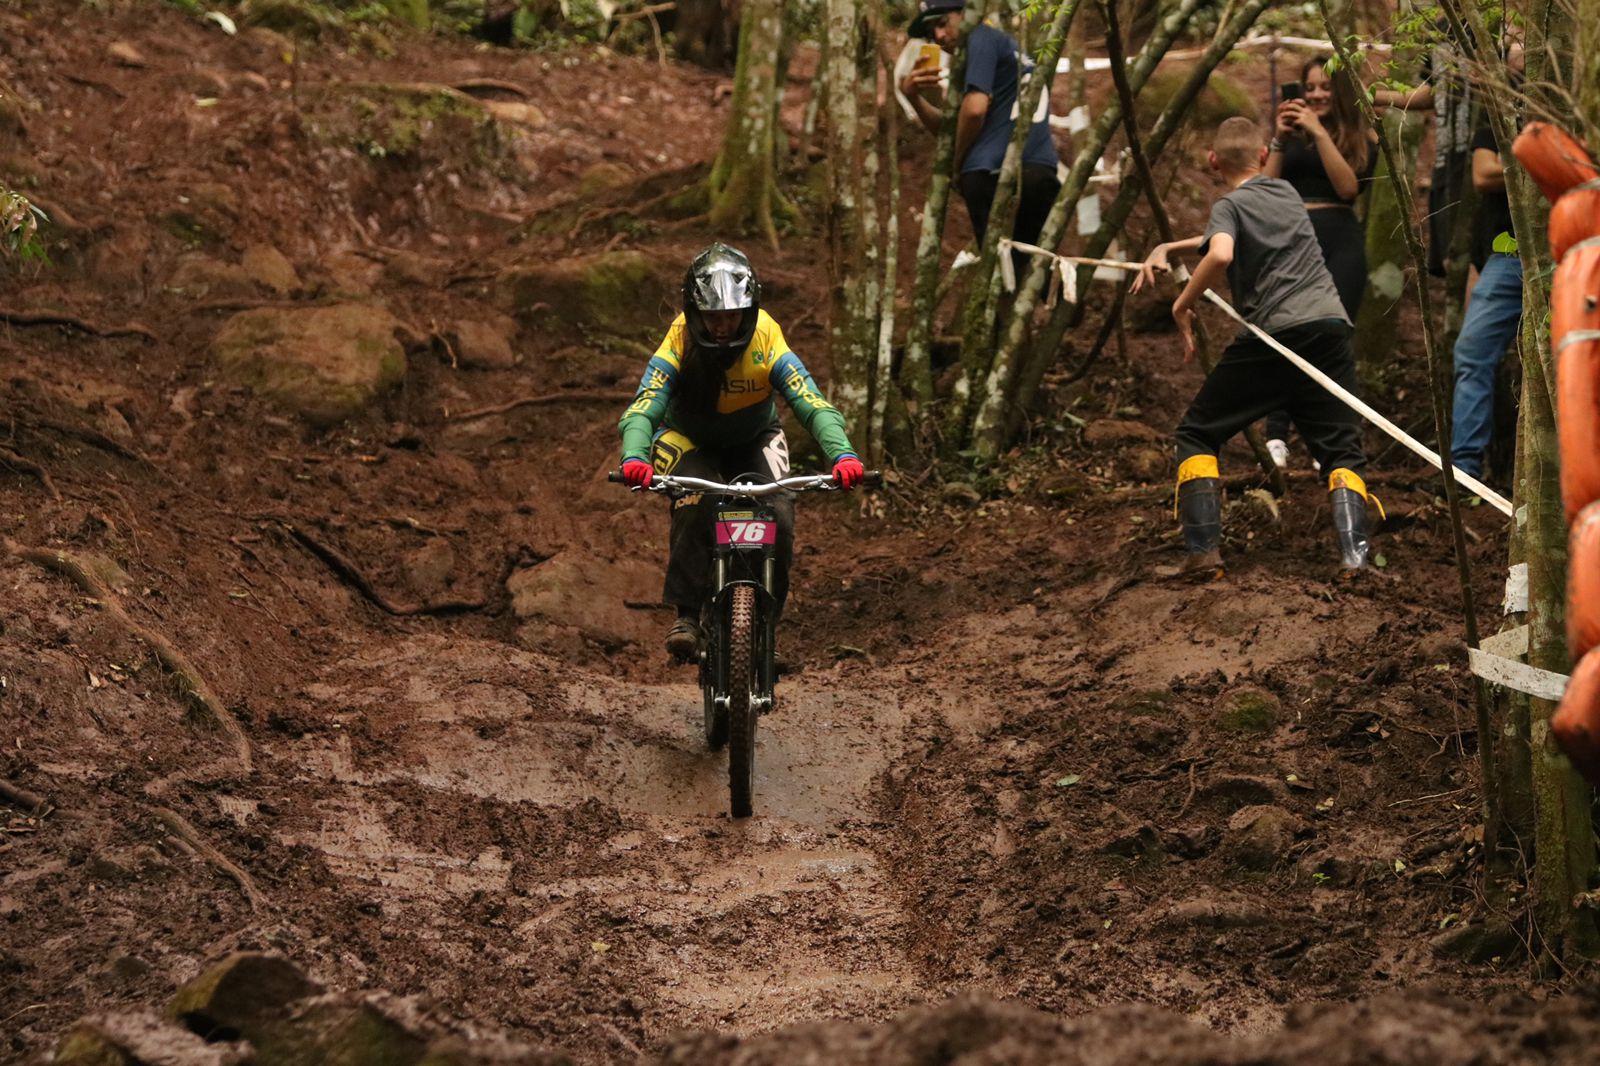 A jovem Liandra Heimann, descendo um terreno acidentado de bicicleta no Campeonato Paranamericano de Downhill